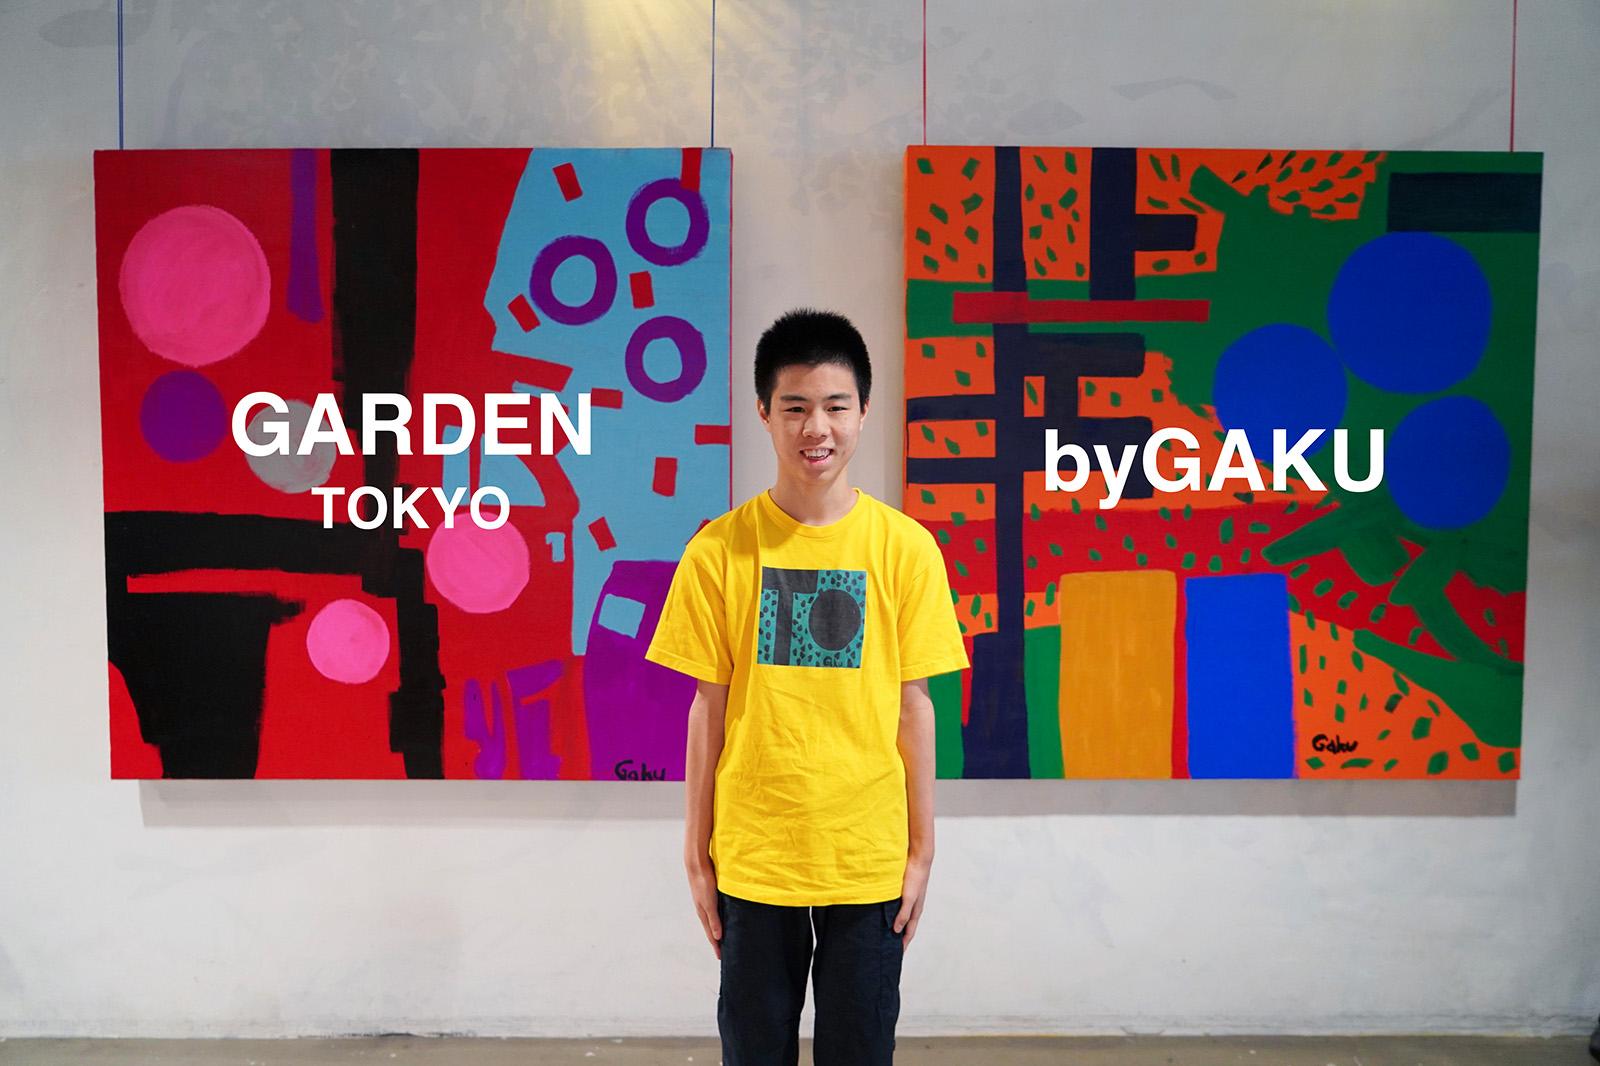 garden2019